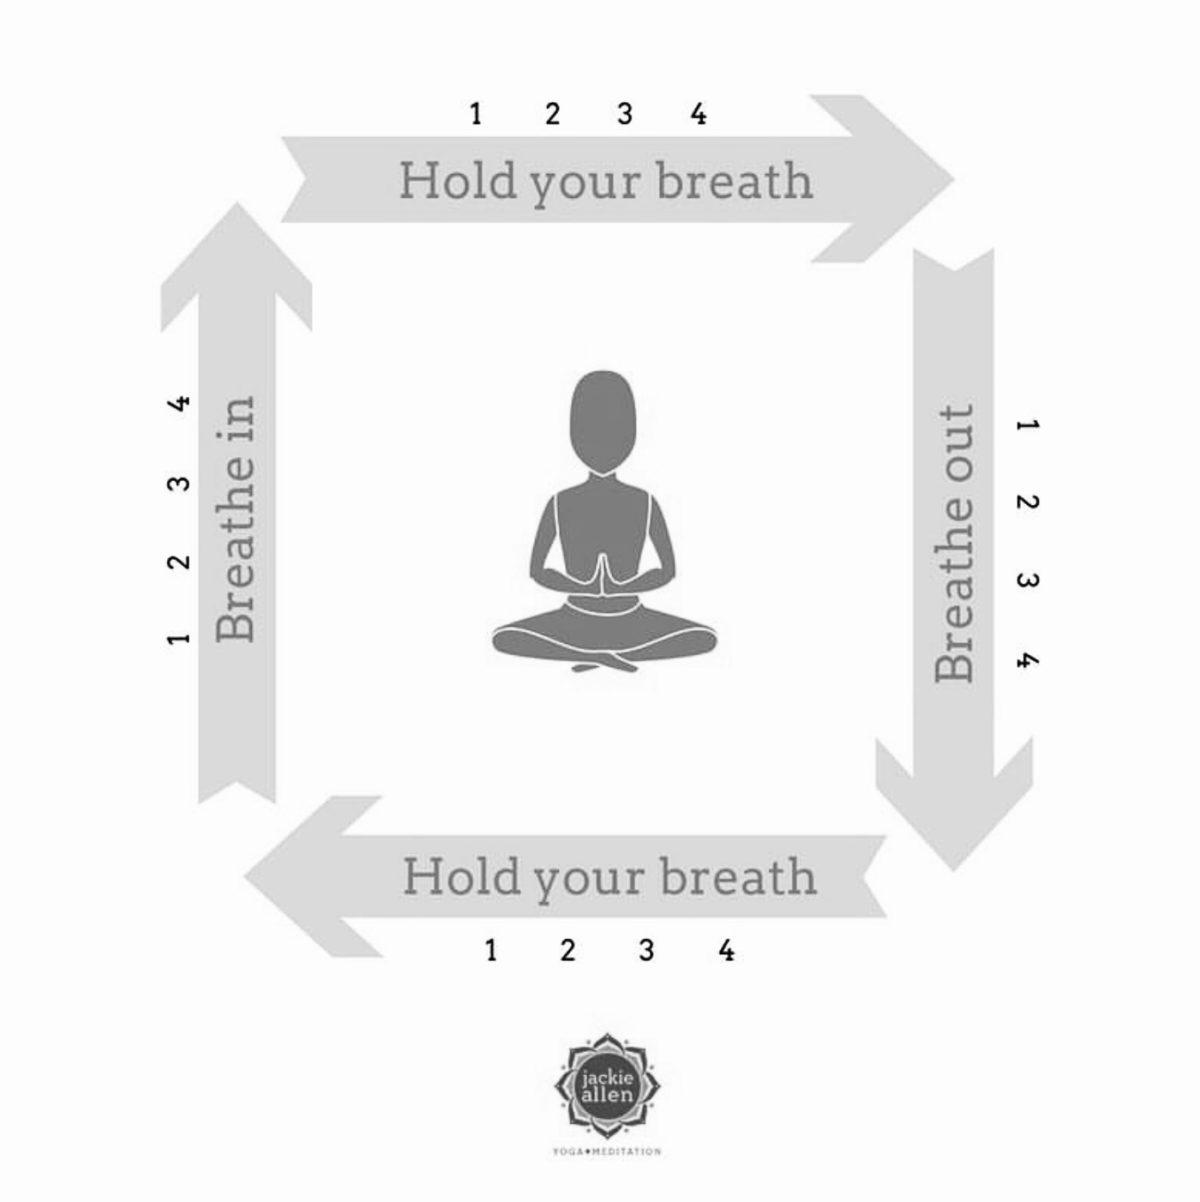 Cara Menenangkan diri: Square Breathing